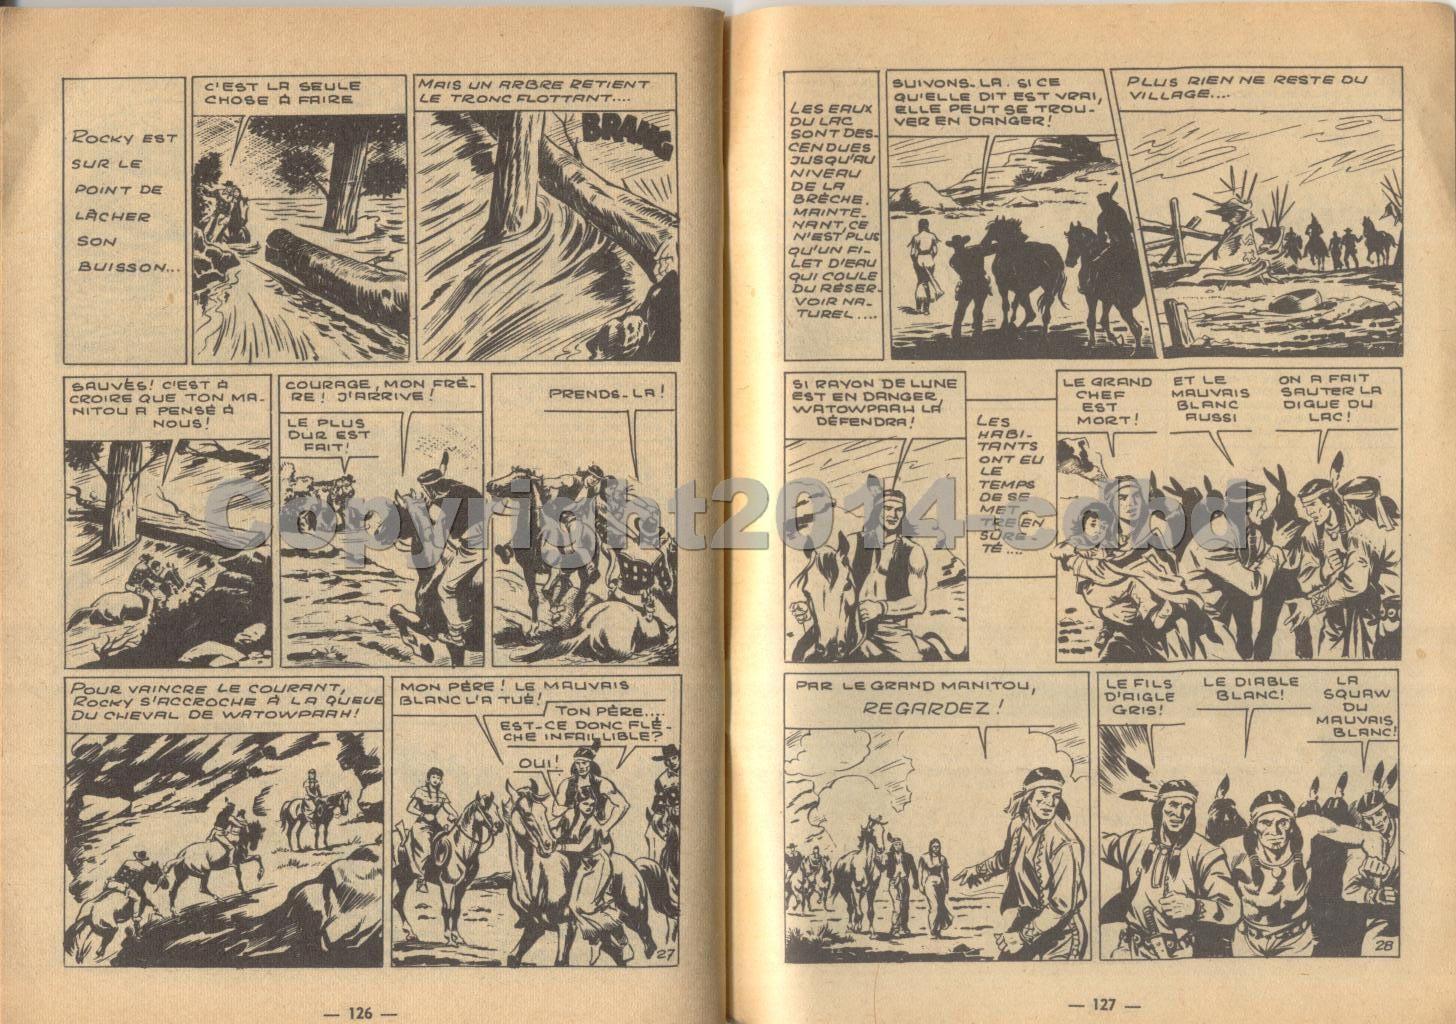 Yuma-Bourask mensuel n°7 du 15 Mai 1963 page 60 à fin